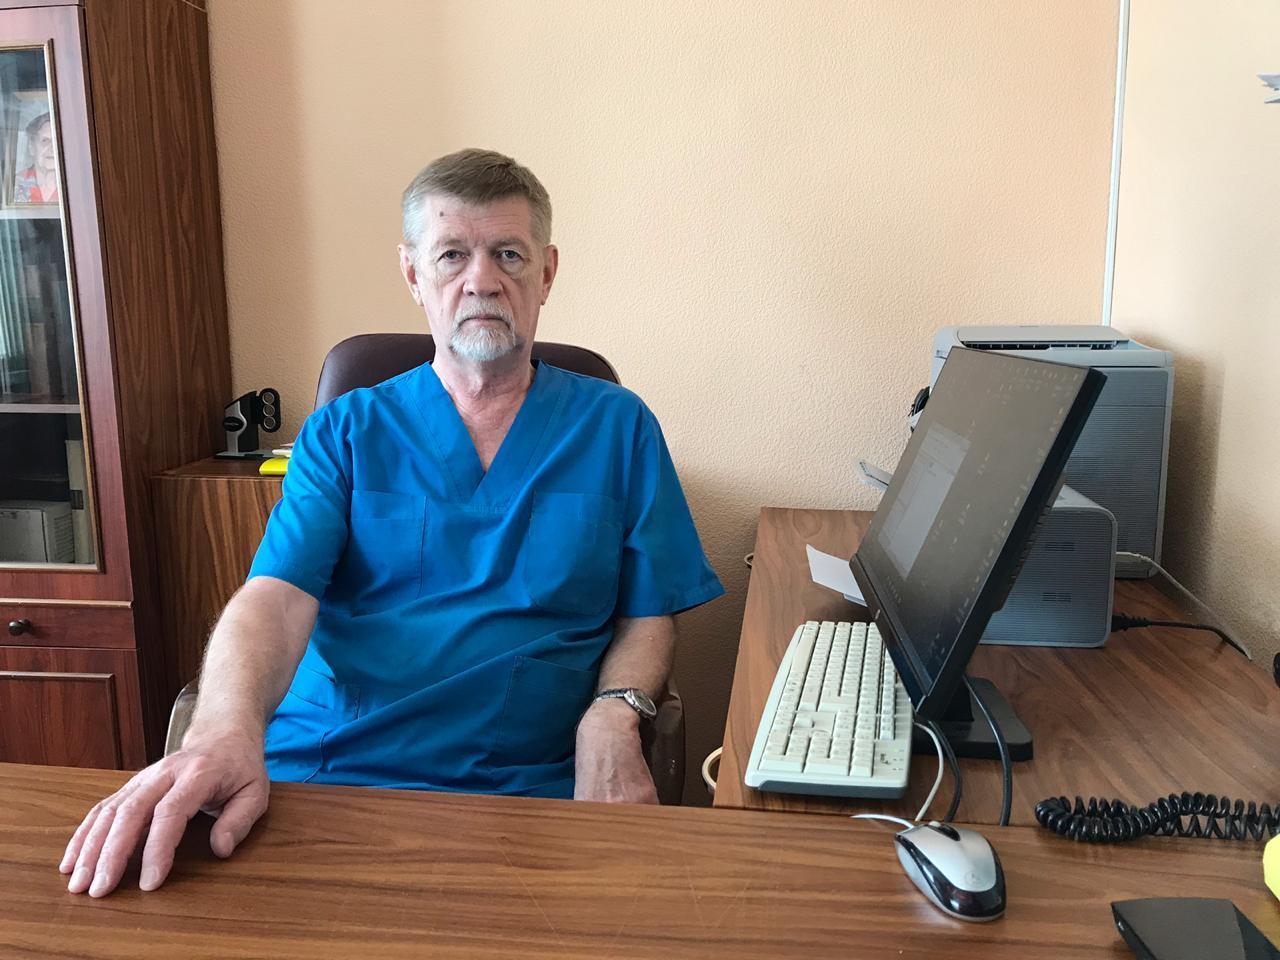 Ащев. Травматолог-ортопед в Ростове на Дону